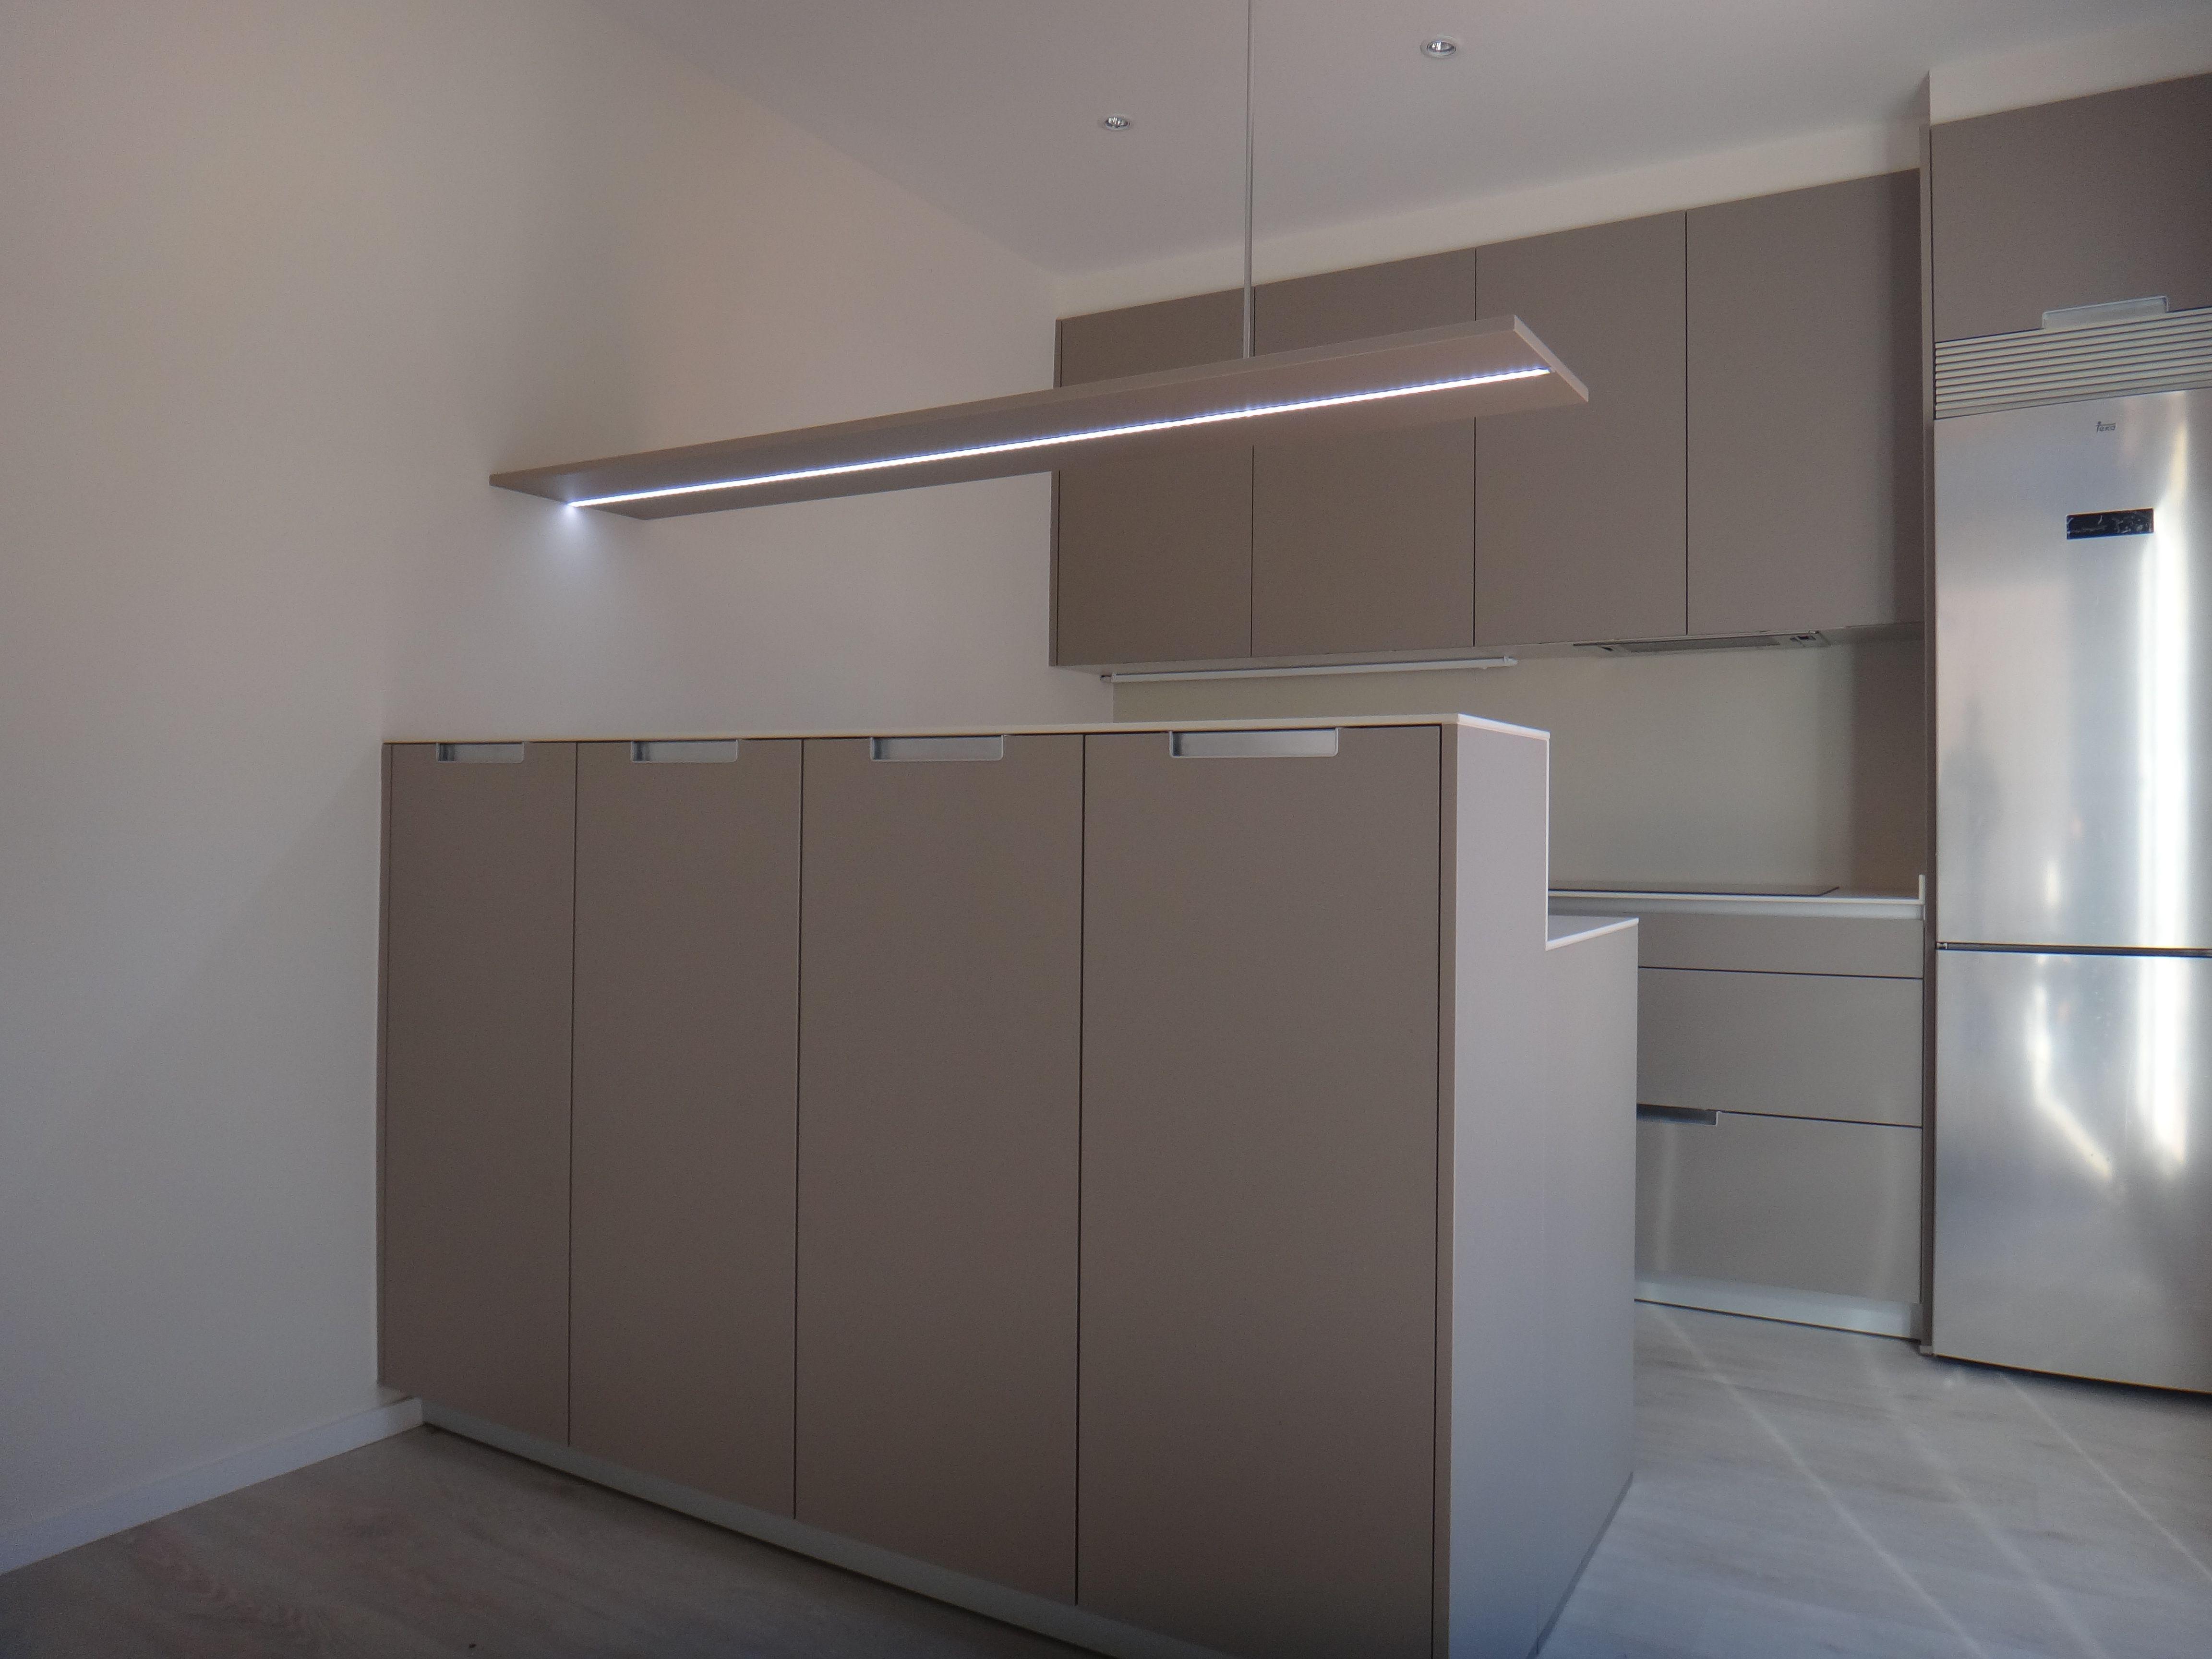 cocina SANTOS en acabado SEDA con estante integrado con iluminación ...